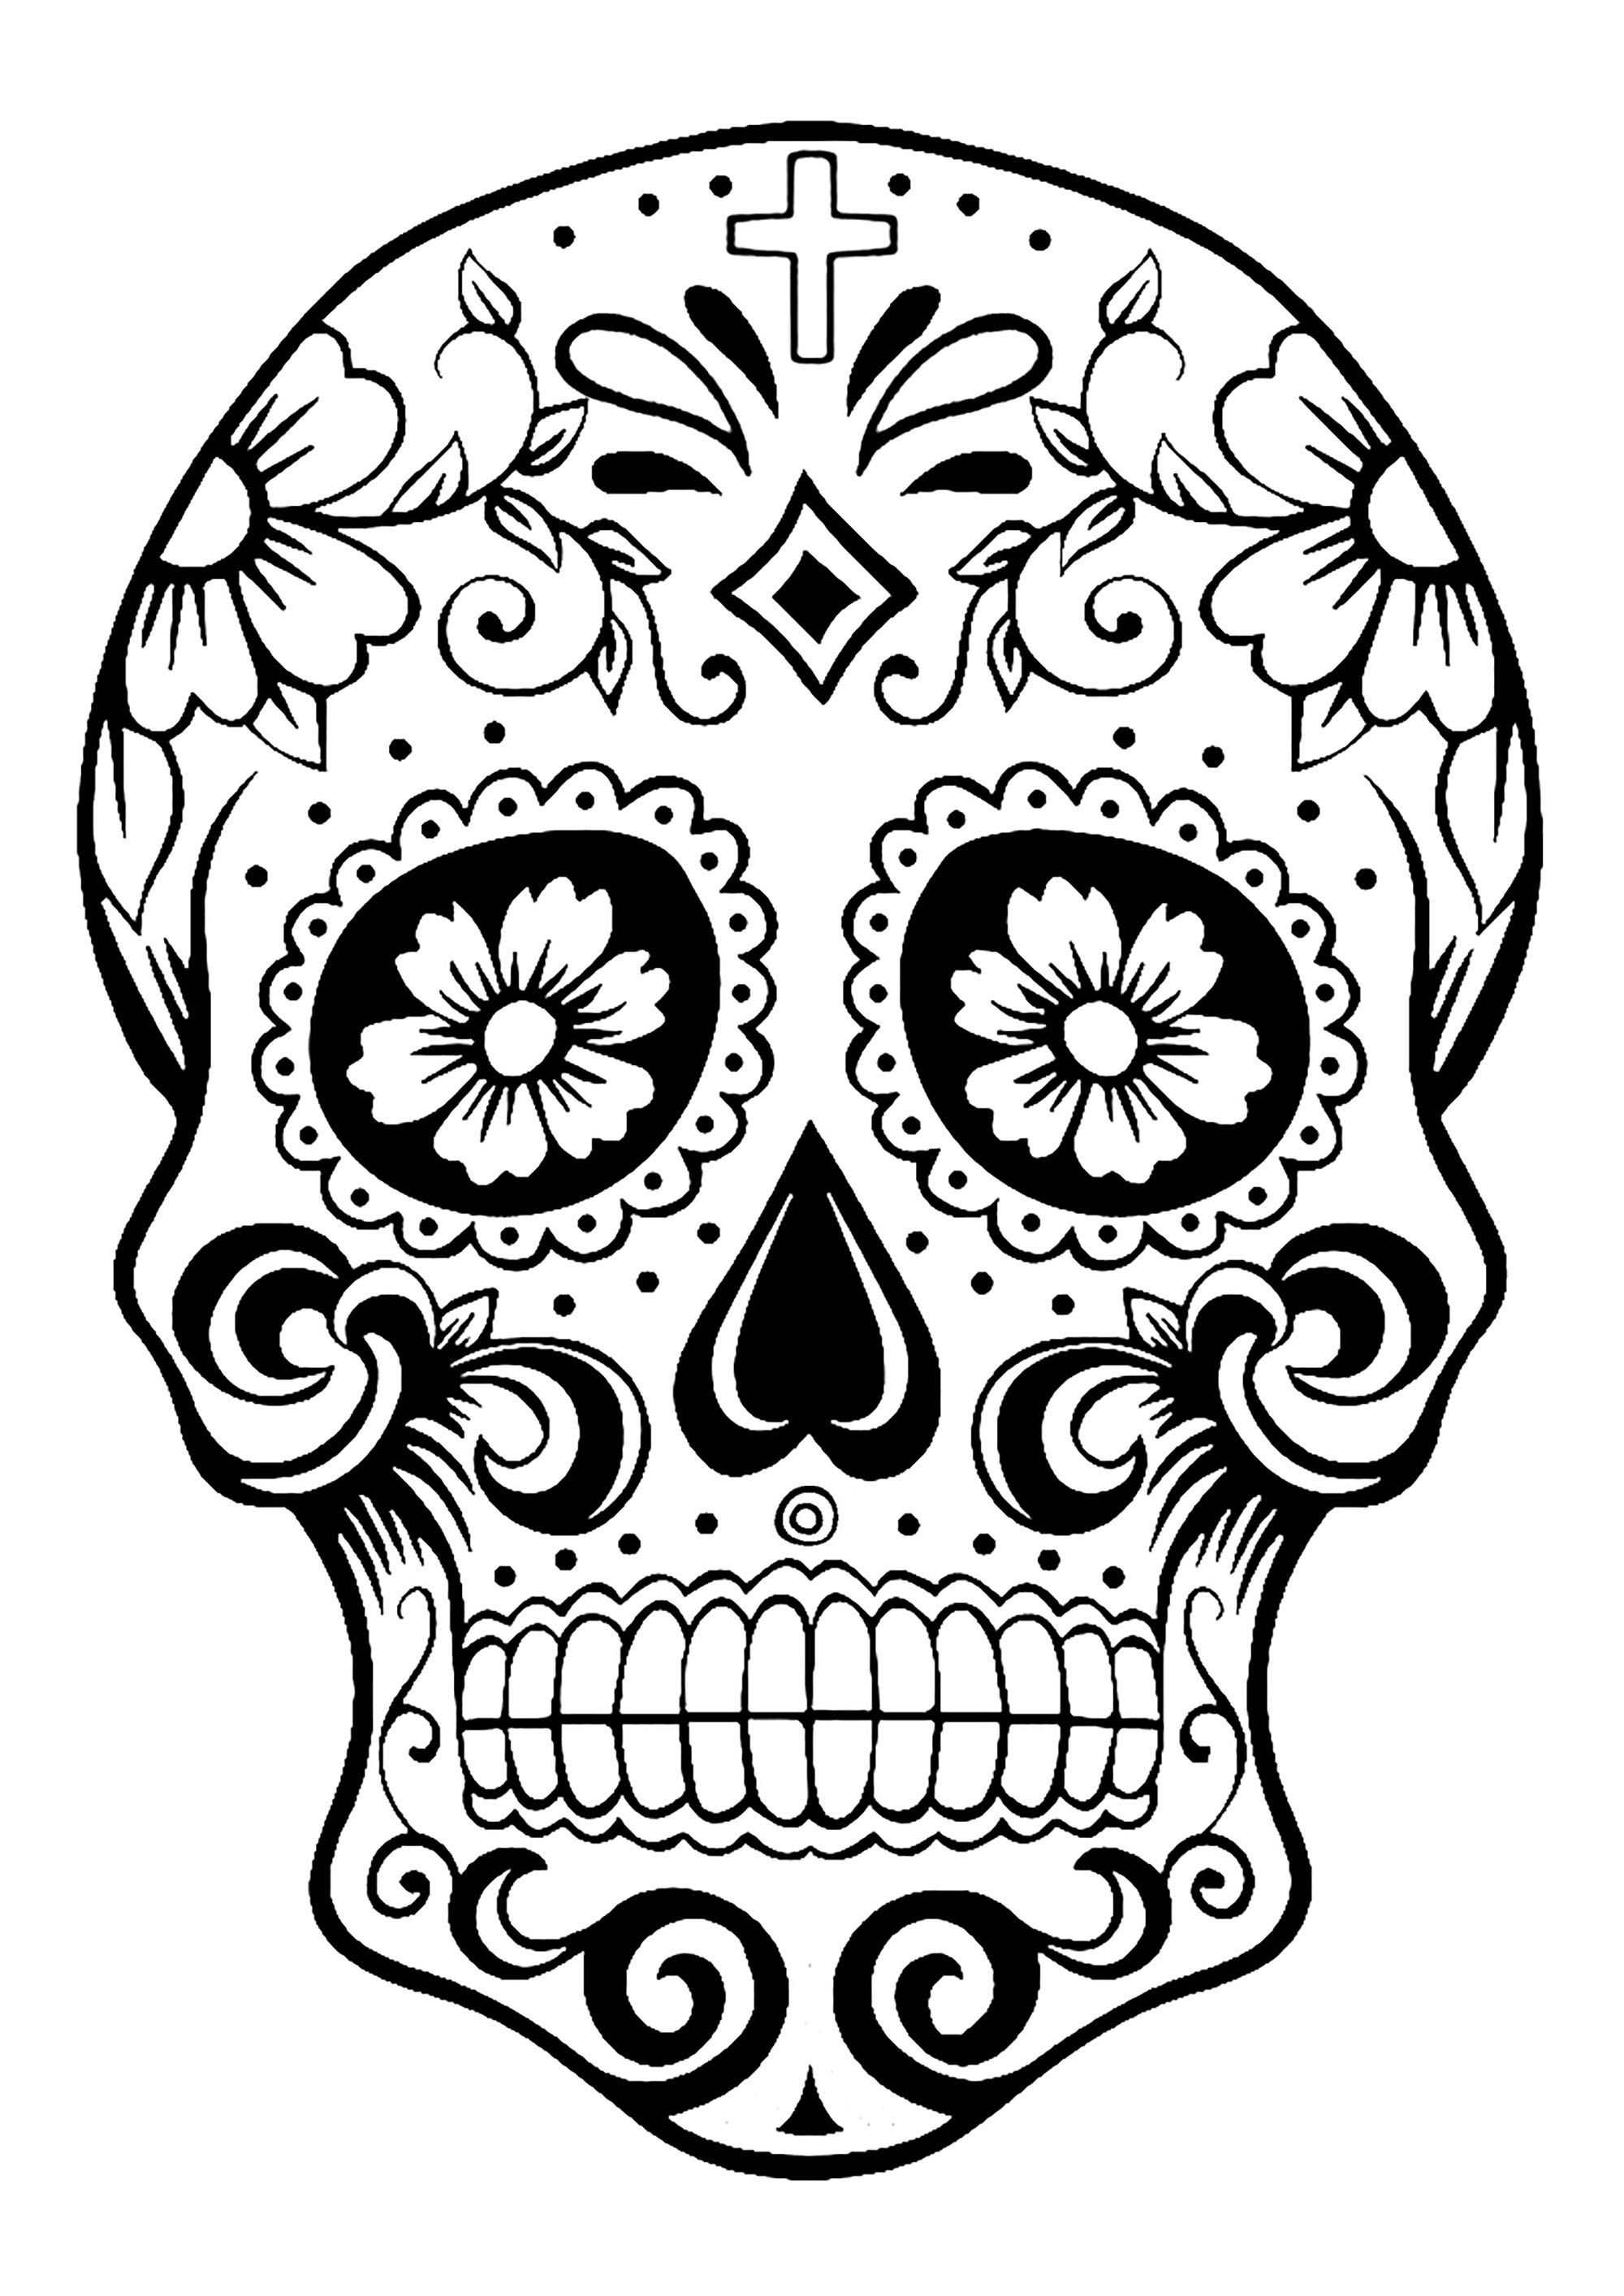 El Dia De Los Muertos Day Of The Dead Coloring Page Skull 2